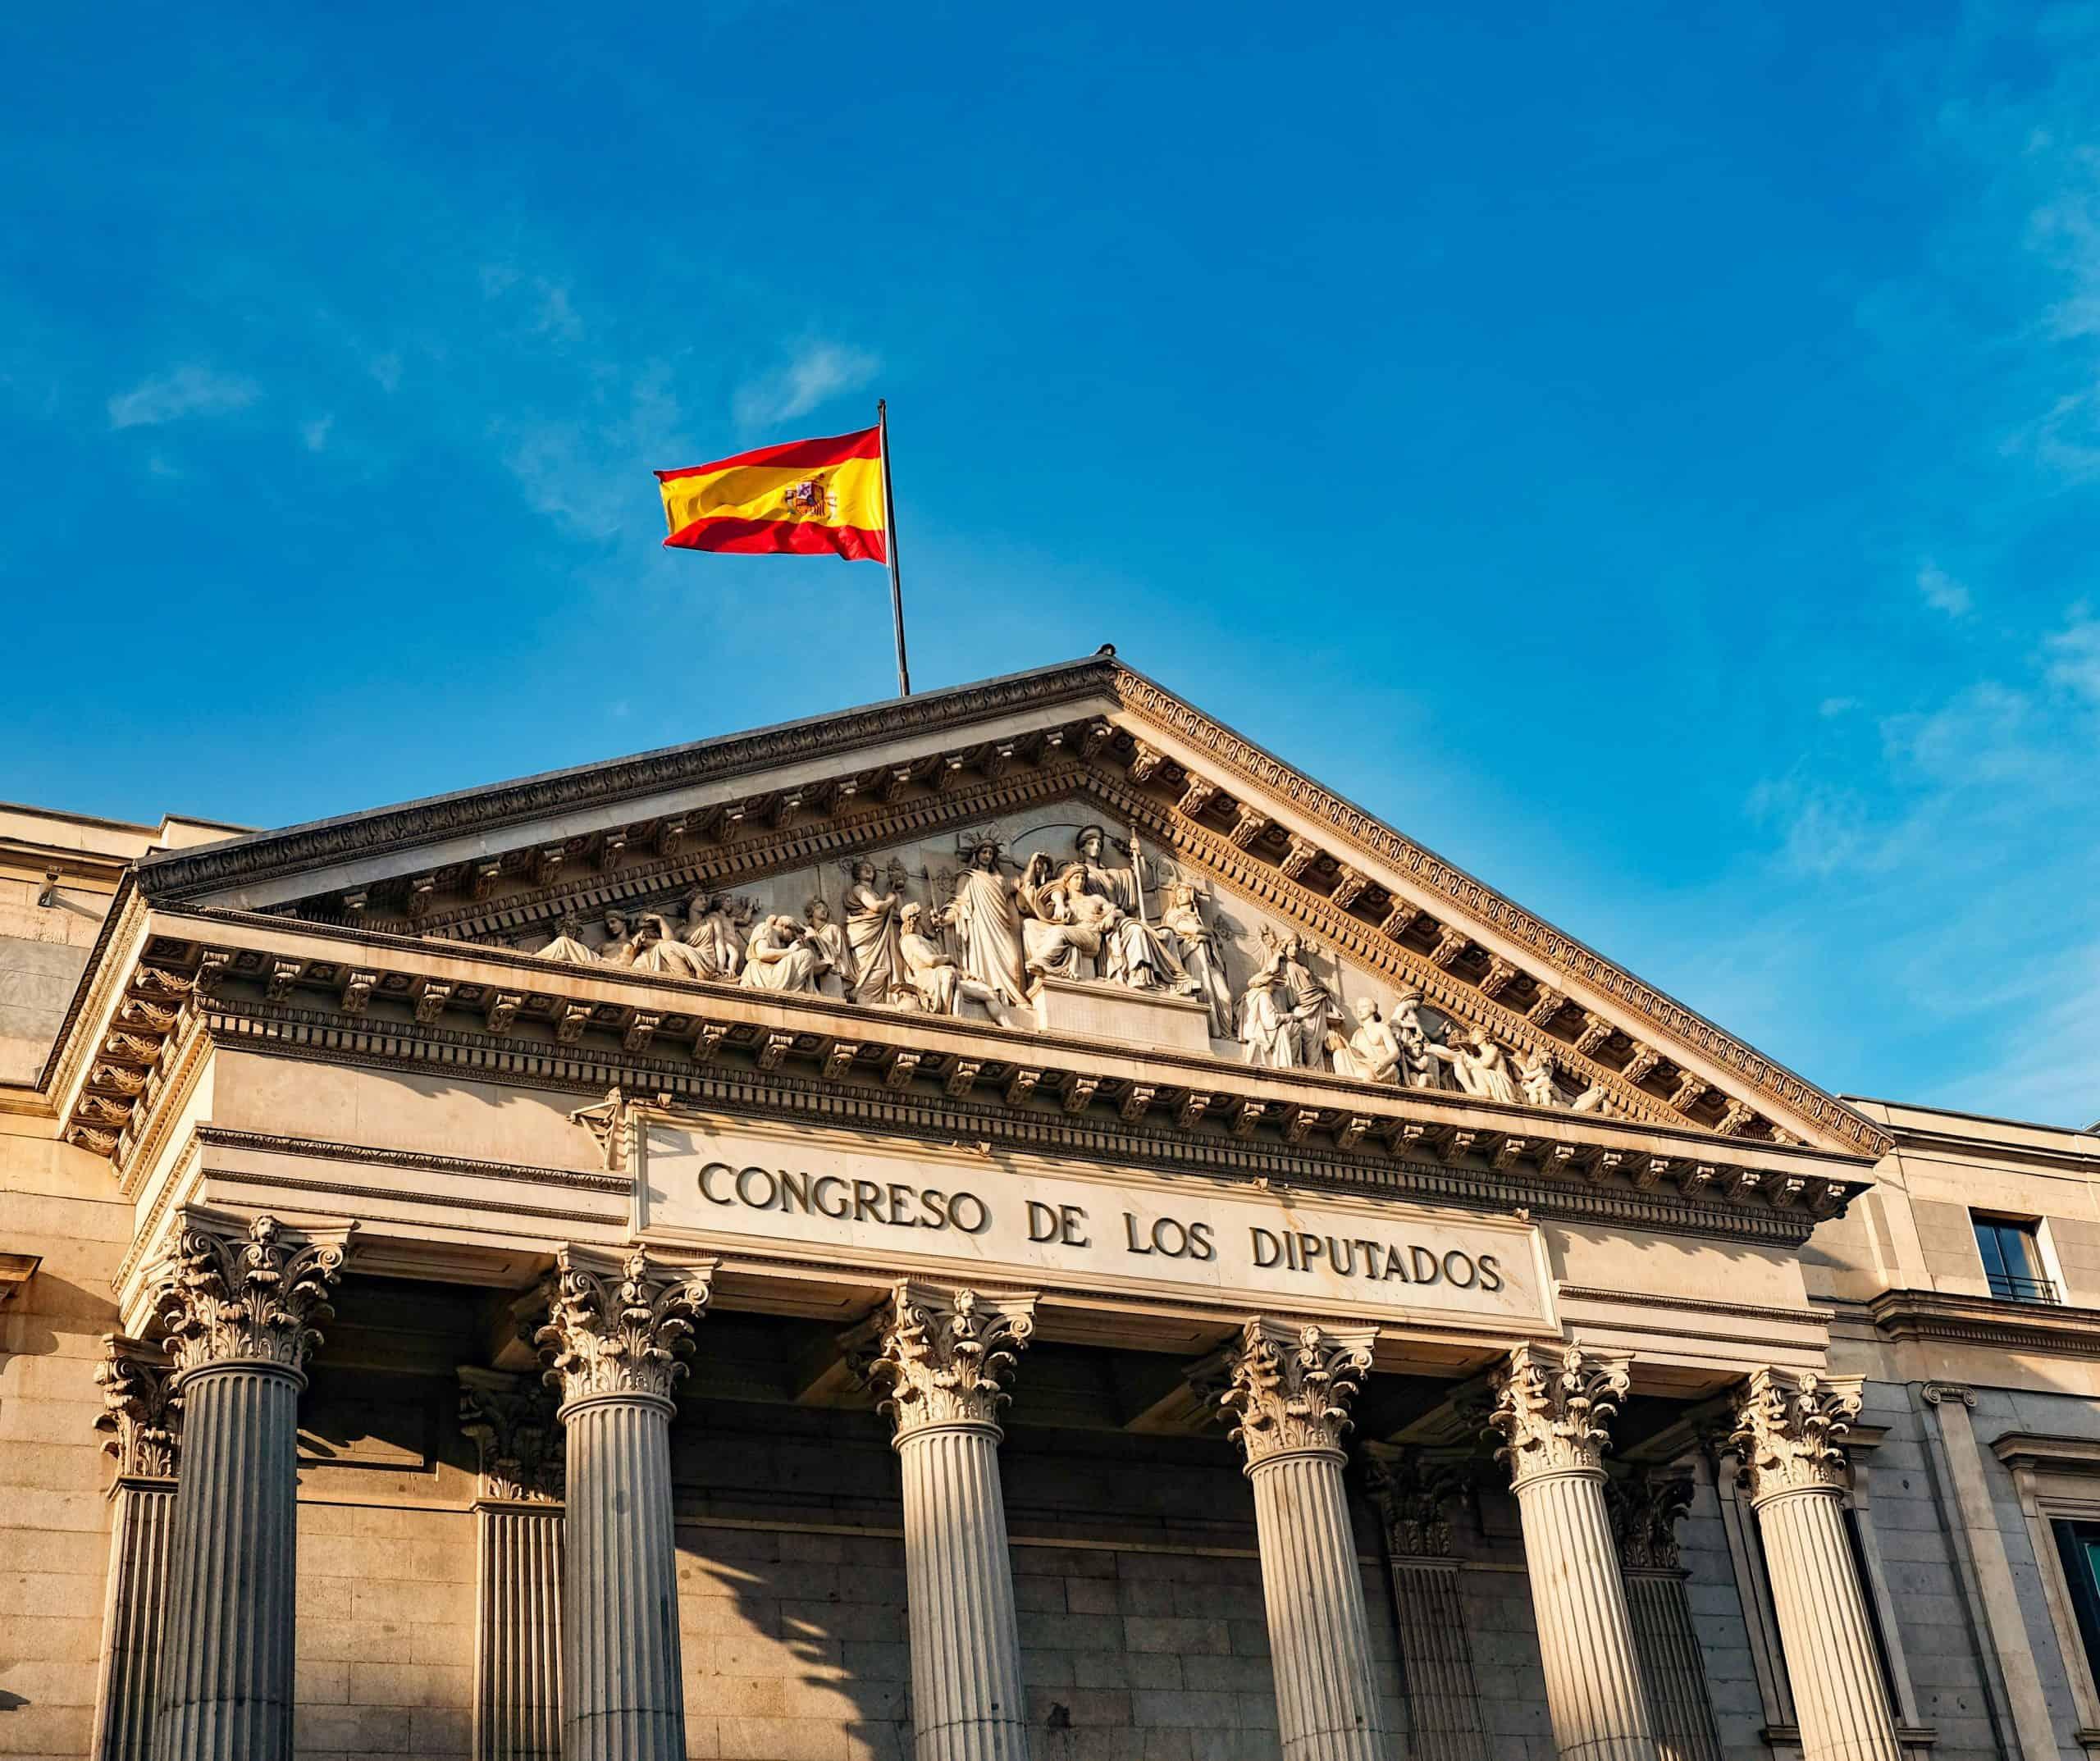 Hiszpania. Obowiązkowe poduszki powietrzne dla motocyklistów staną się faktem?